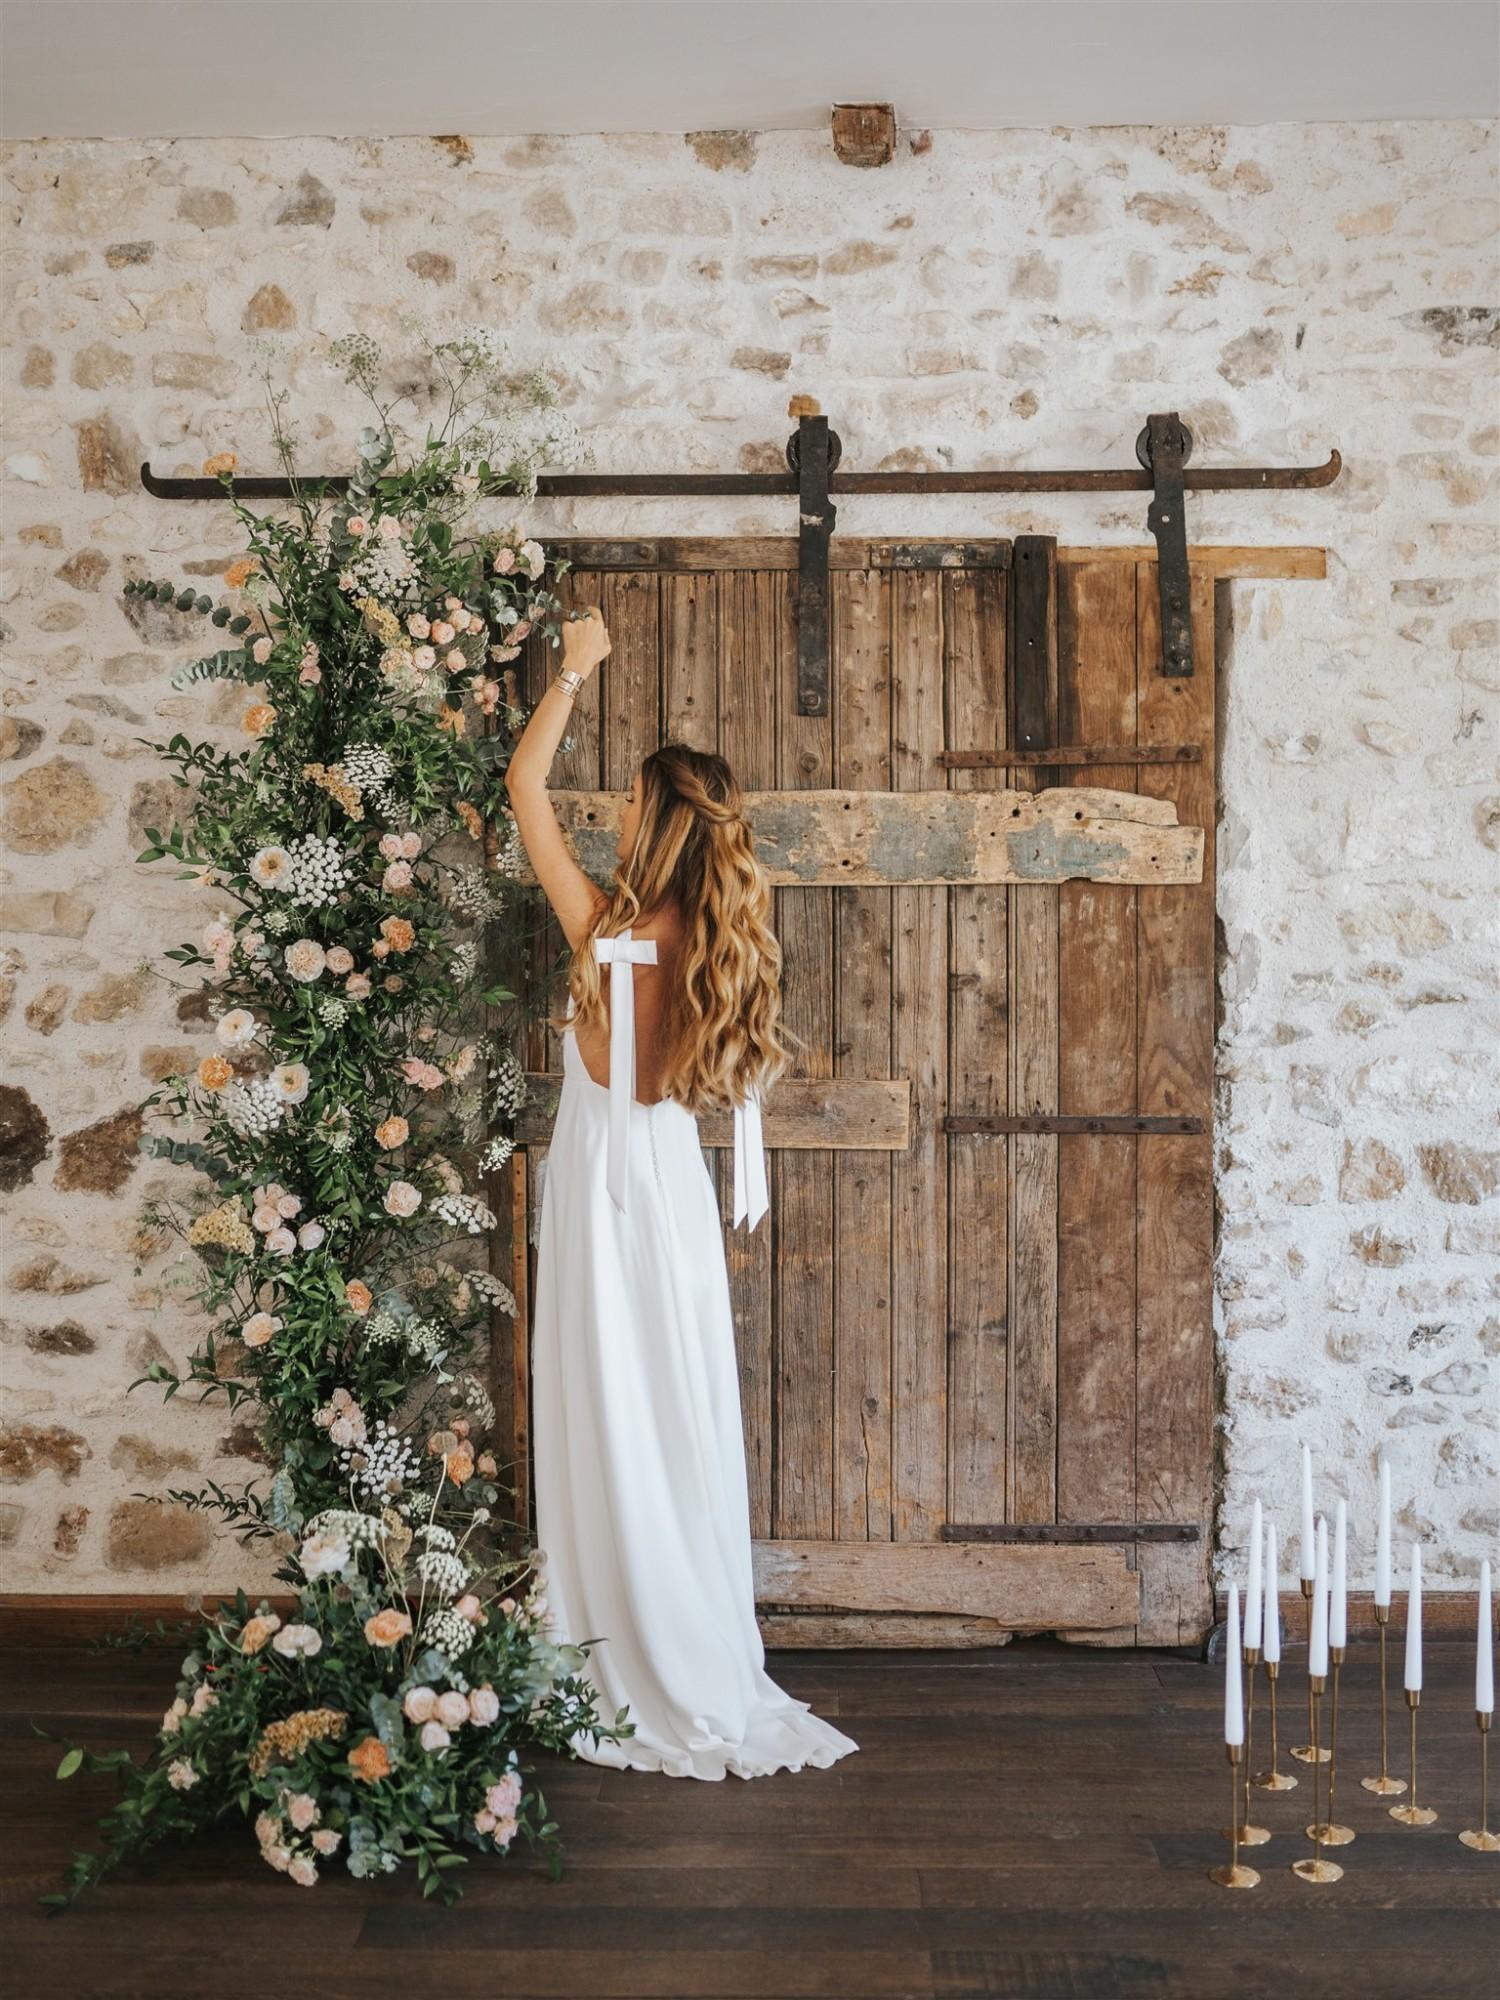 cérémonie, cérémonie laïque, arche de mariage, décor de cérémonie, bougeoirs, bougies, décoration mariage, cérémonie romantique, décoration moderne